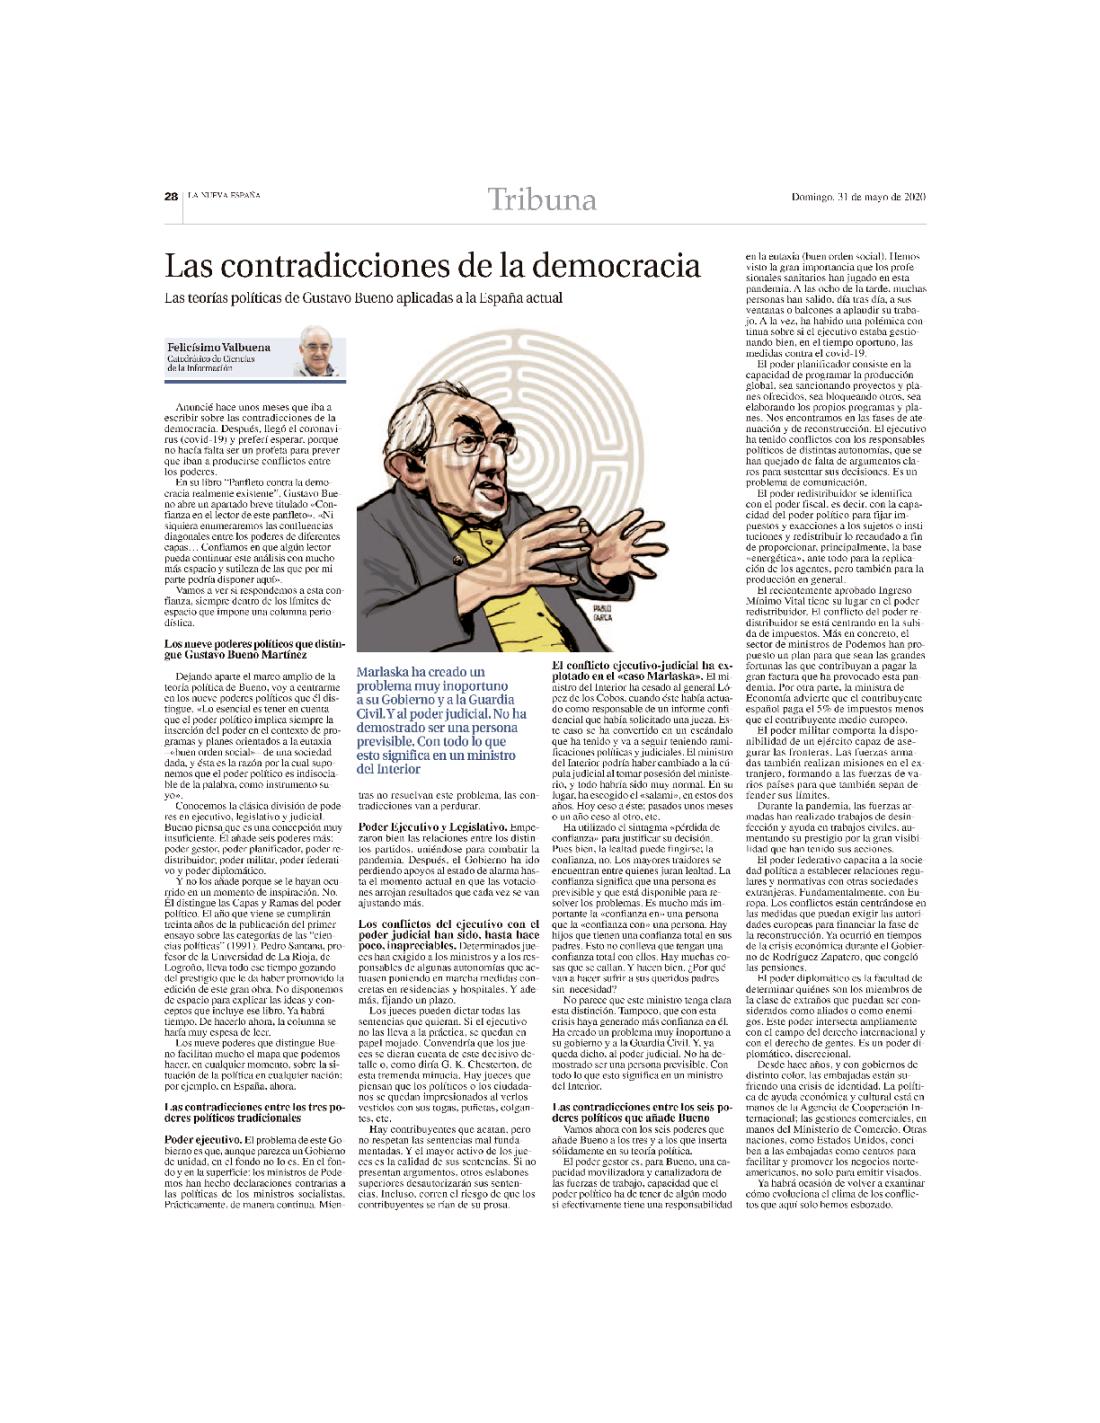 Las contradicciones de la democracia, LNE, 31-5-20201